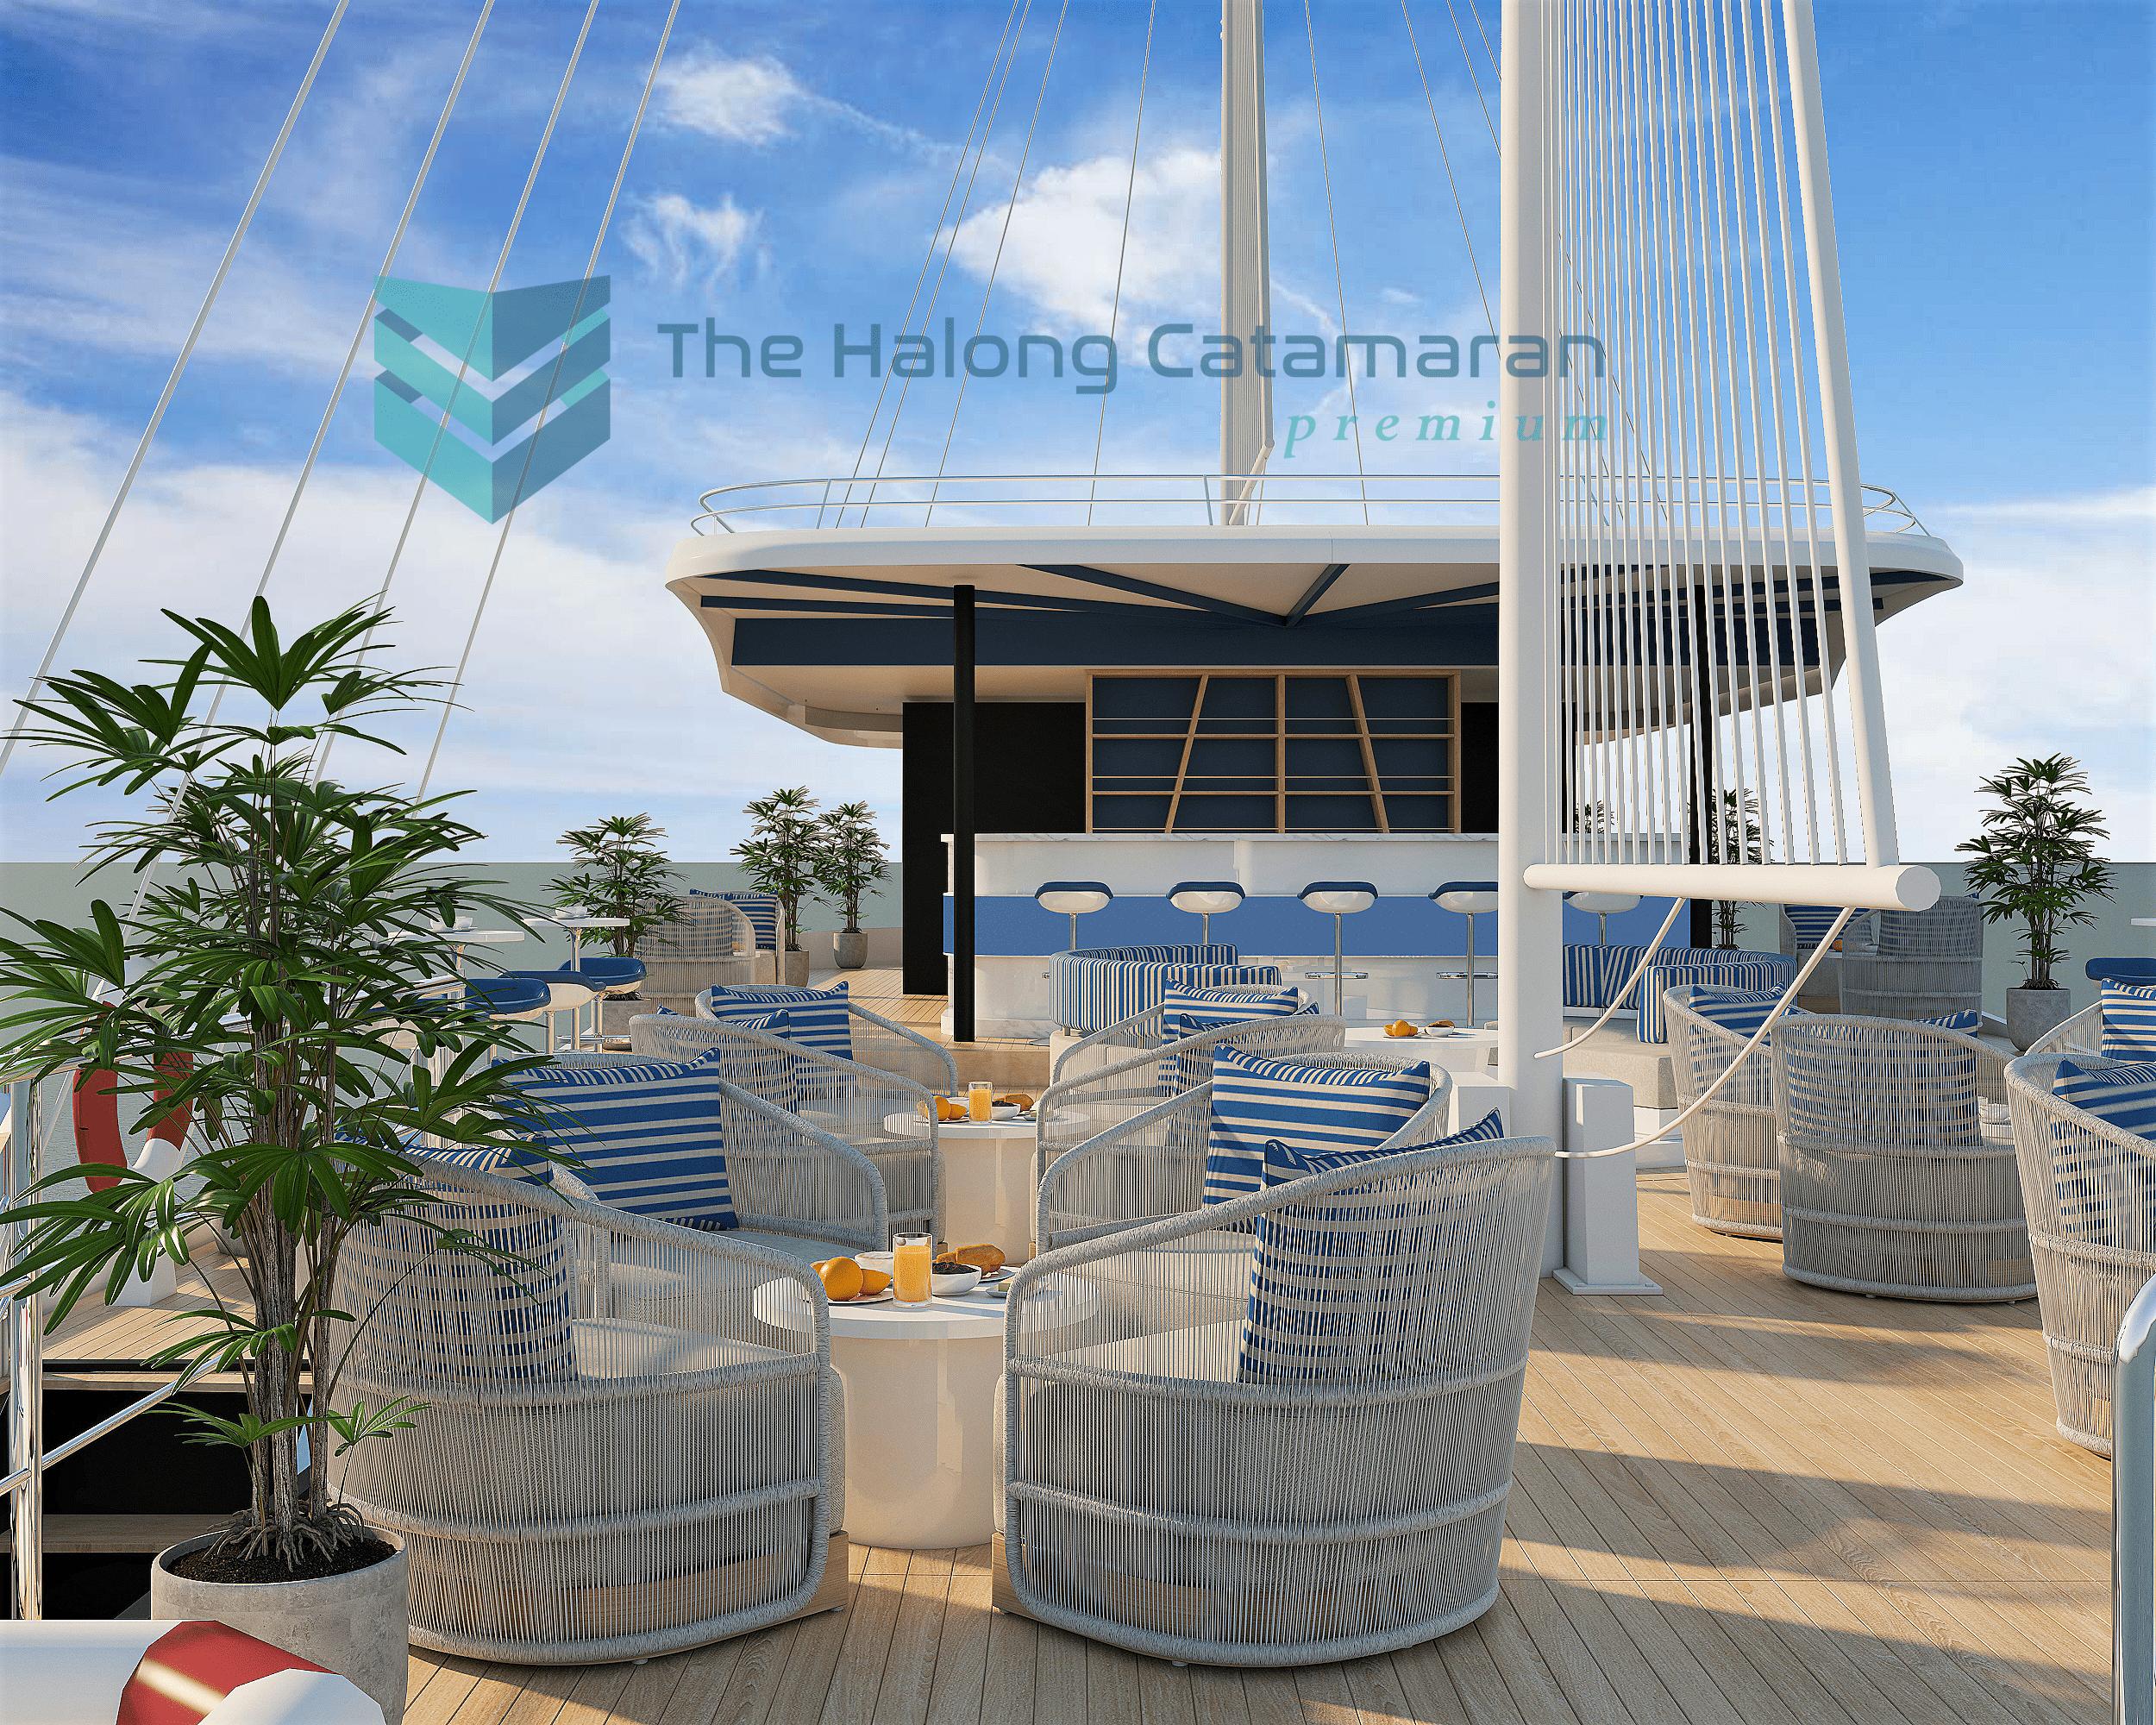 halong bay premium luxury day cruise sundeck